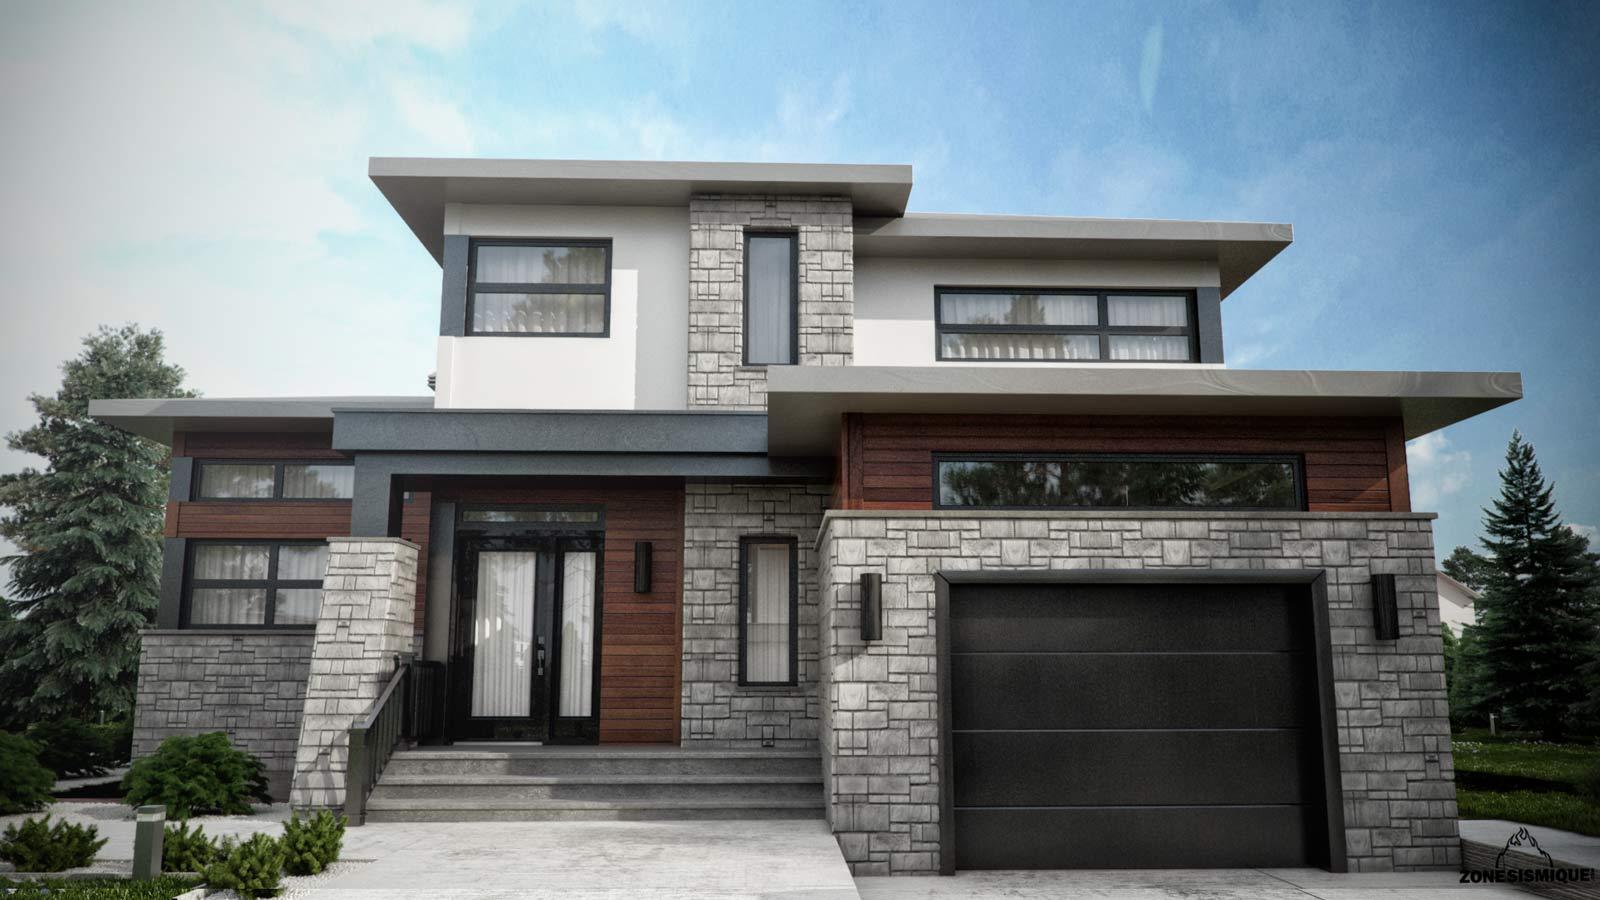 Image De Maison Moderne zone-sismique-habitation-malie-maison-moderne-3d-des-simes